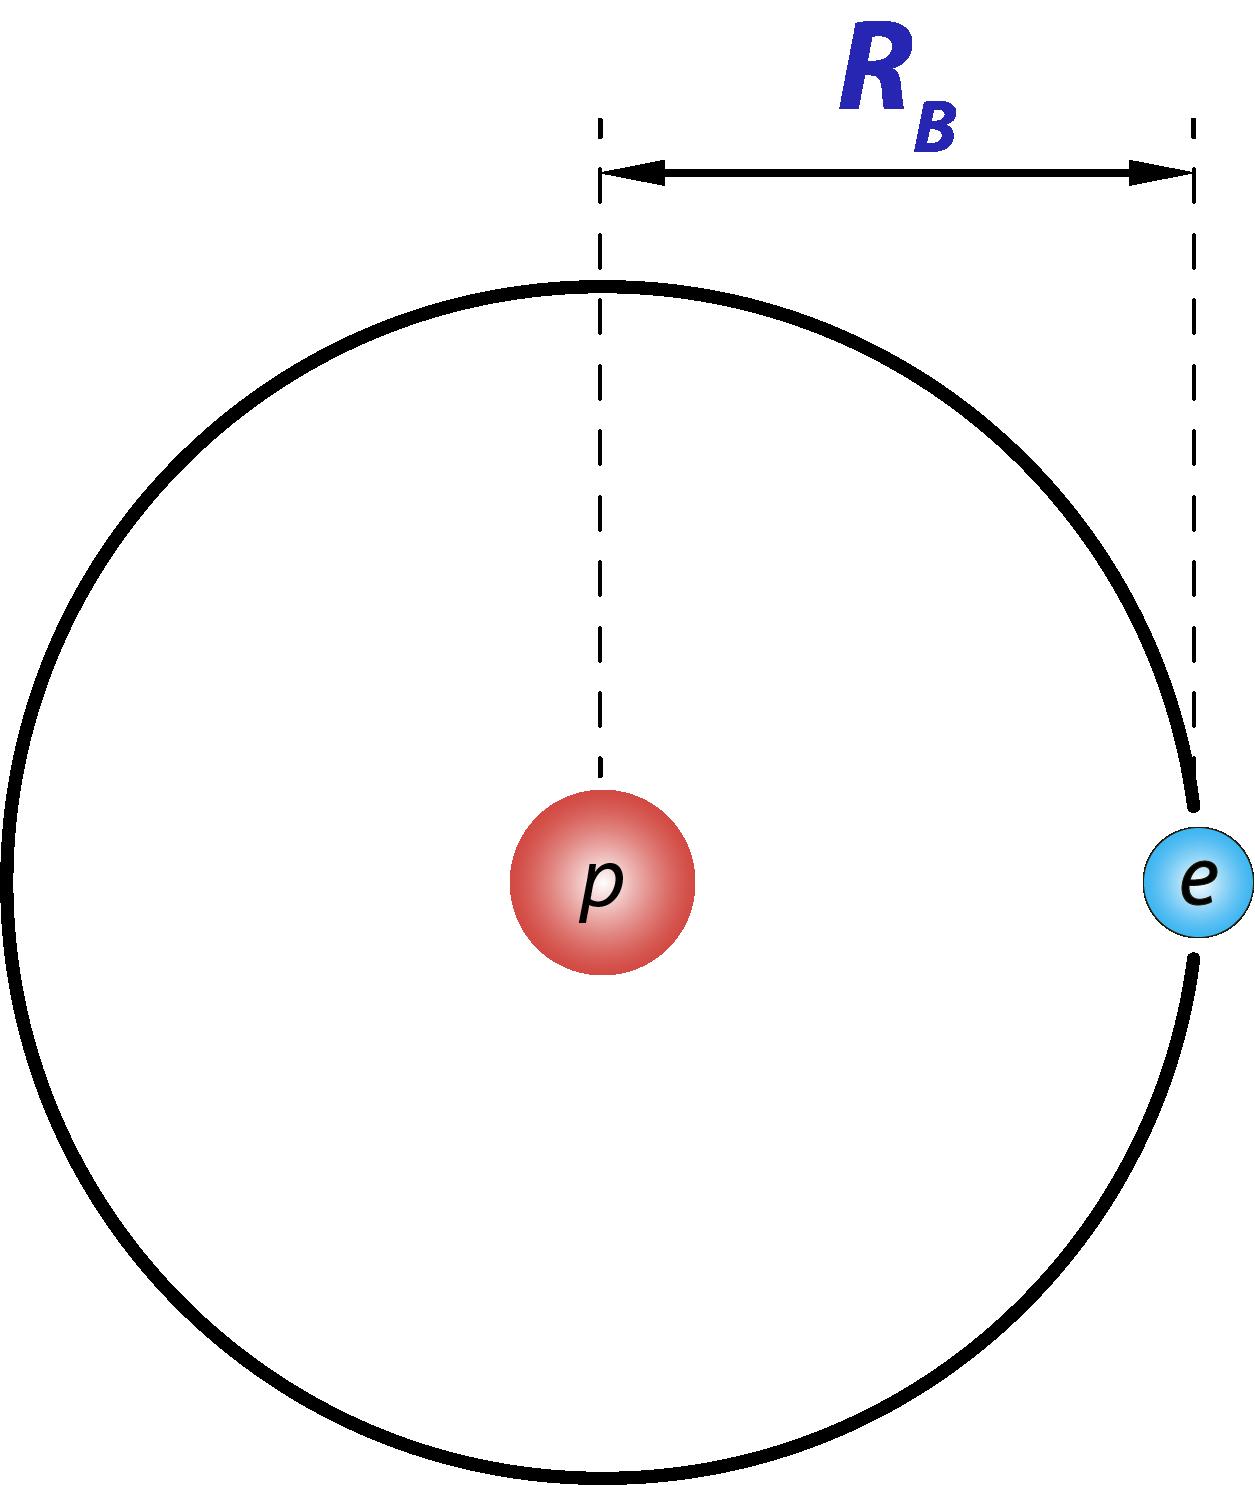 Датский физик Нильс Бор внёс уточнение в схему Резерфорда